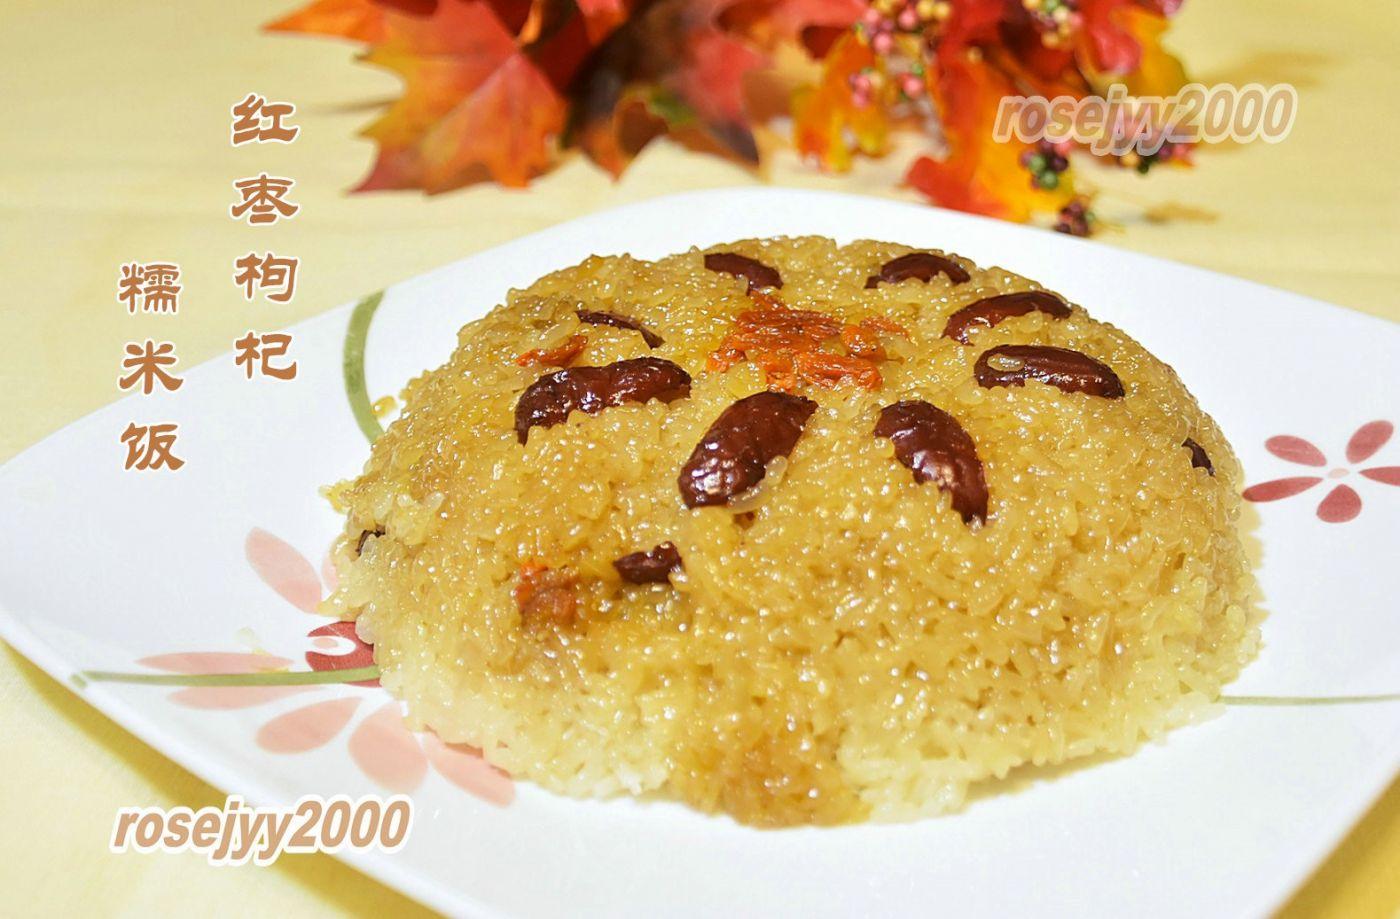 红枣红糖蒸糯米饭_图1-1